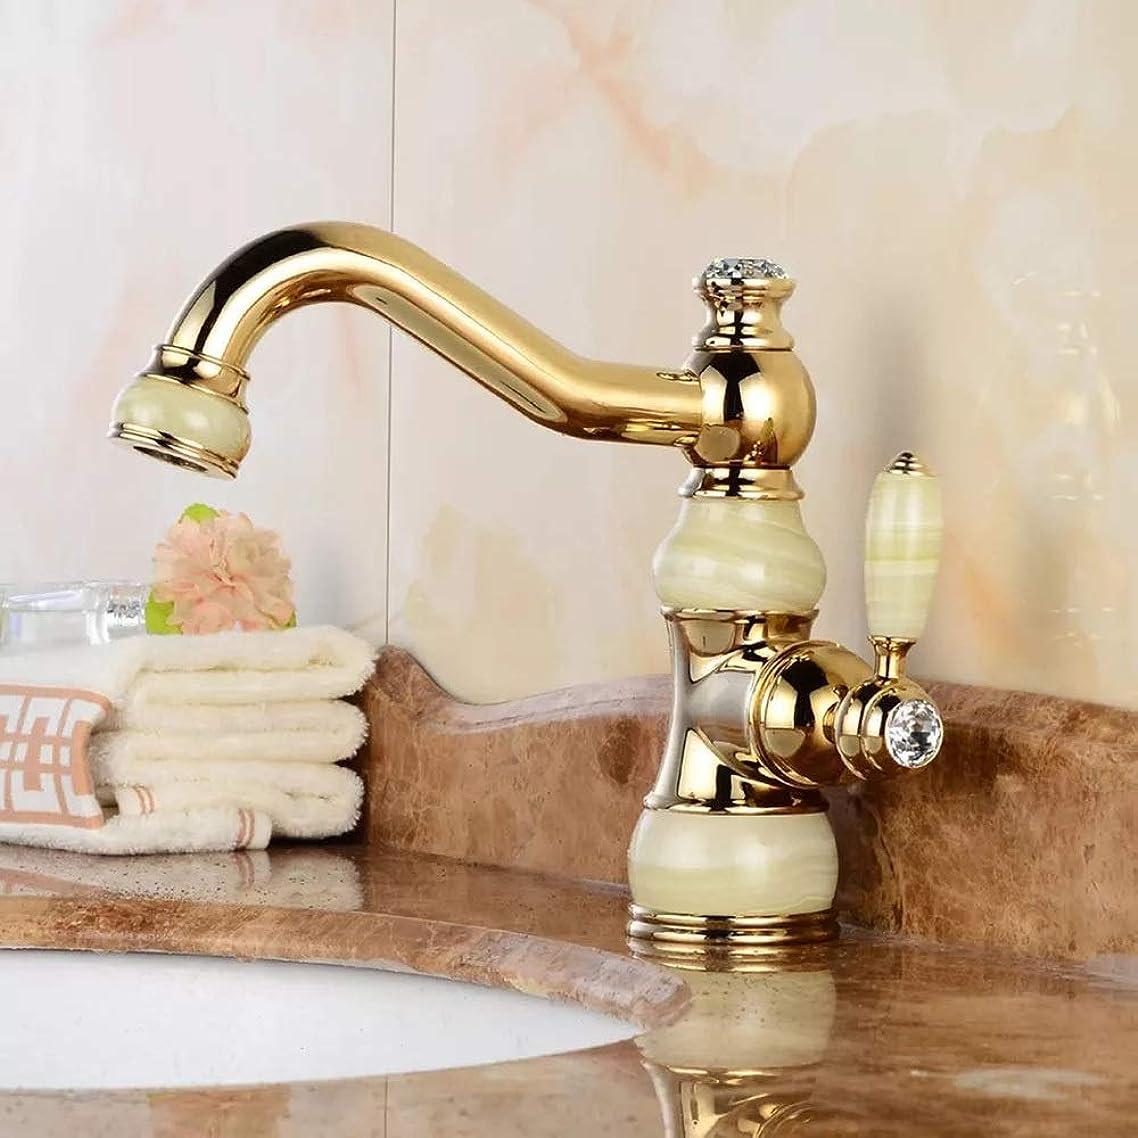 充電外向き弾力性のあるZYL-YL 実用的なヨーロッパのカウンター洗面器の台所の蛇口銅金自然なヒスイ洗面器の蛇口の銅ホット蛇口美しいです